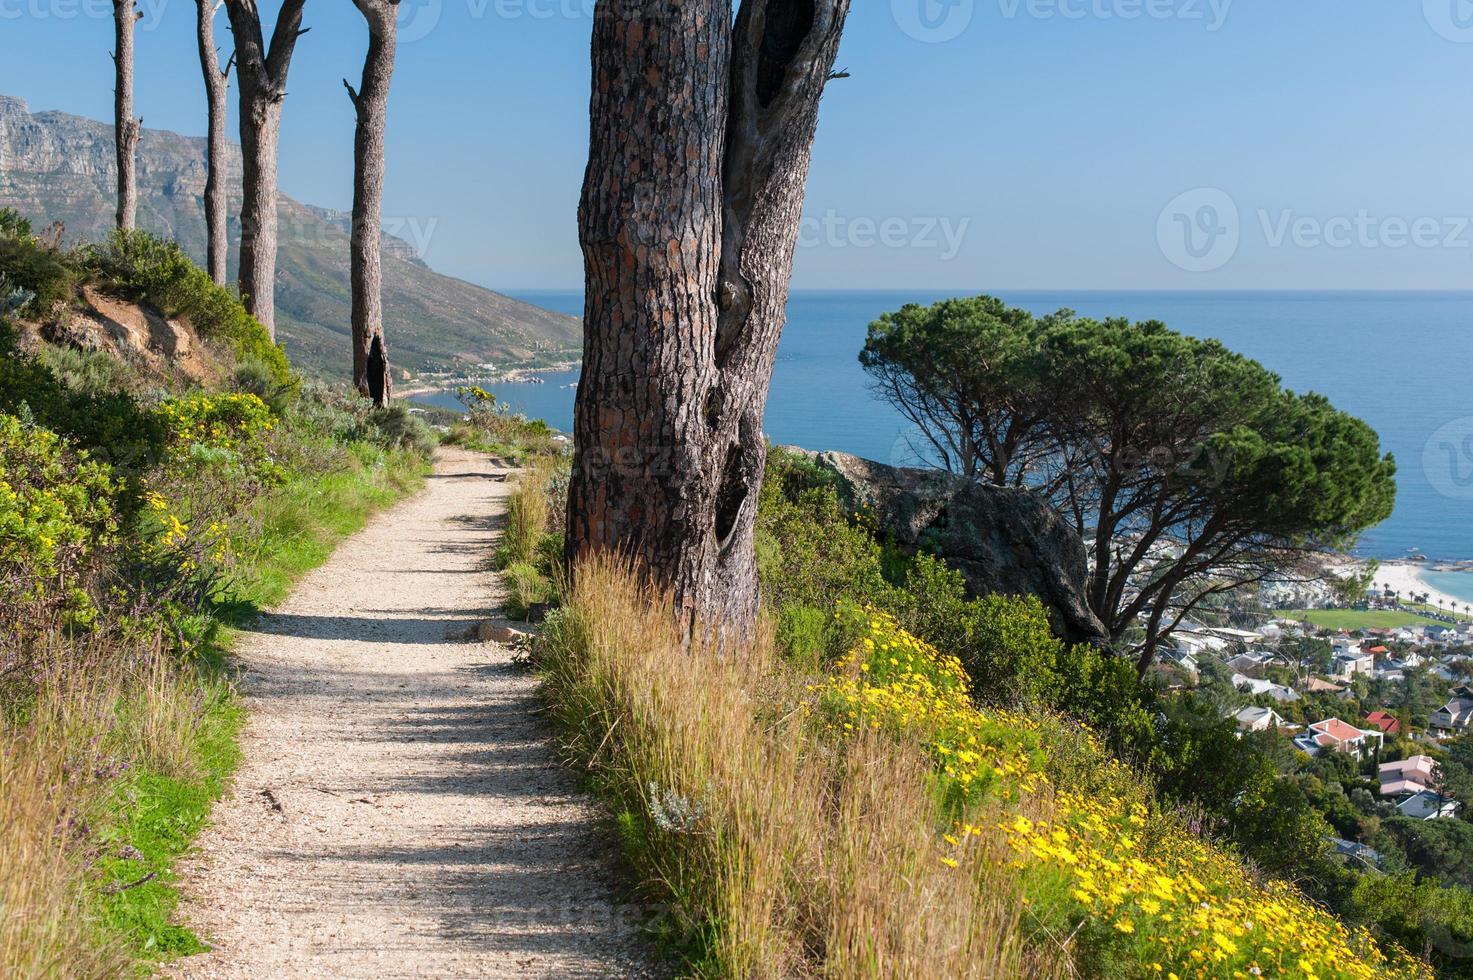 paisagem costeira com trilha de cascalho e árvores foto